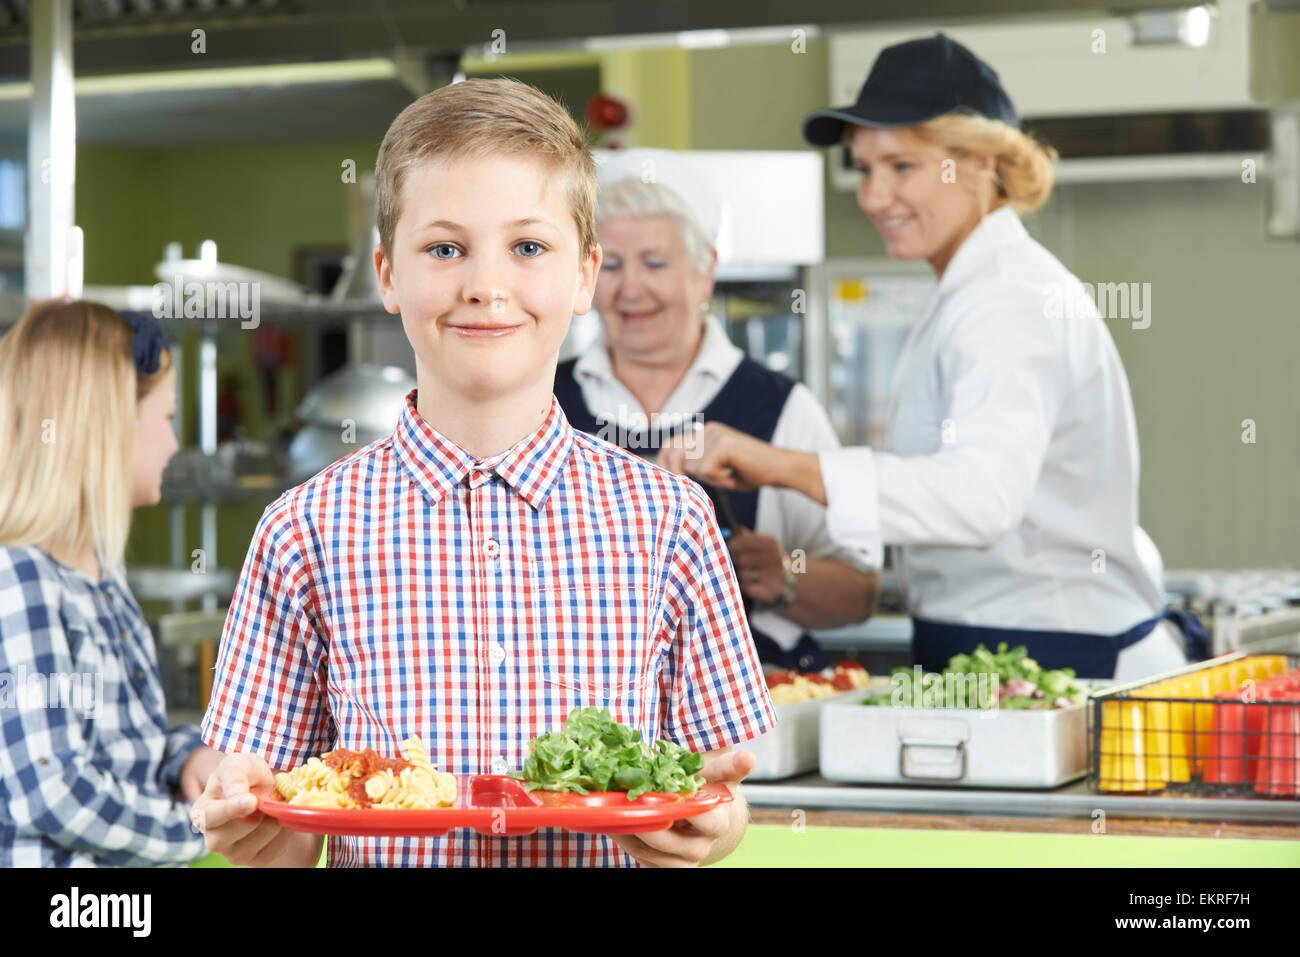 Pupilla d maschio con un sano pranzo in mensa scolastica Immagini Stock